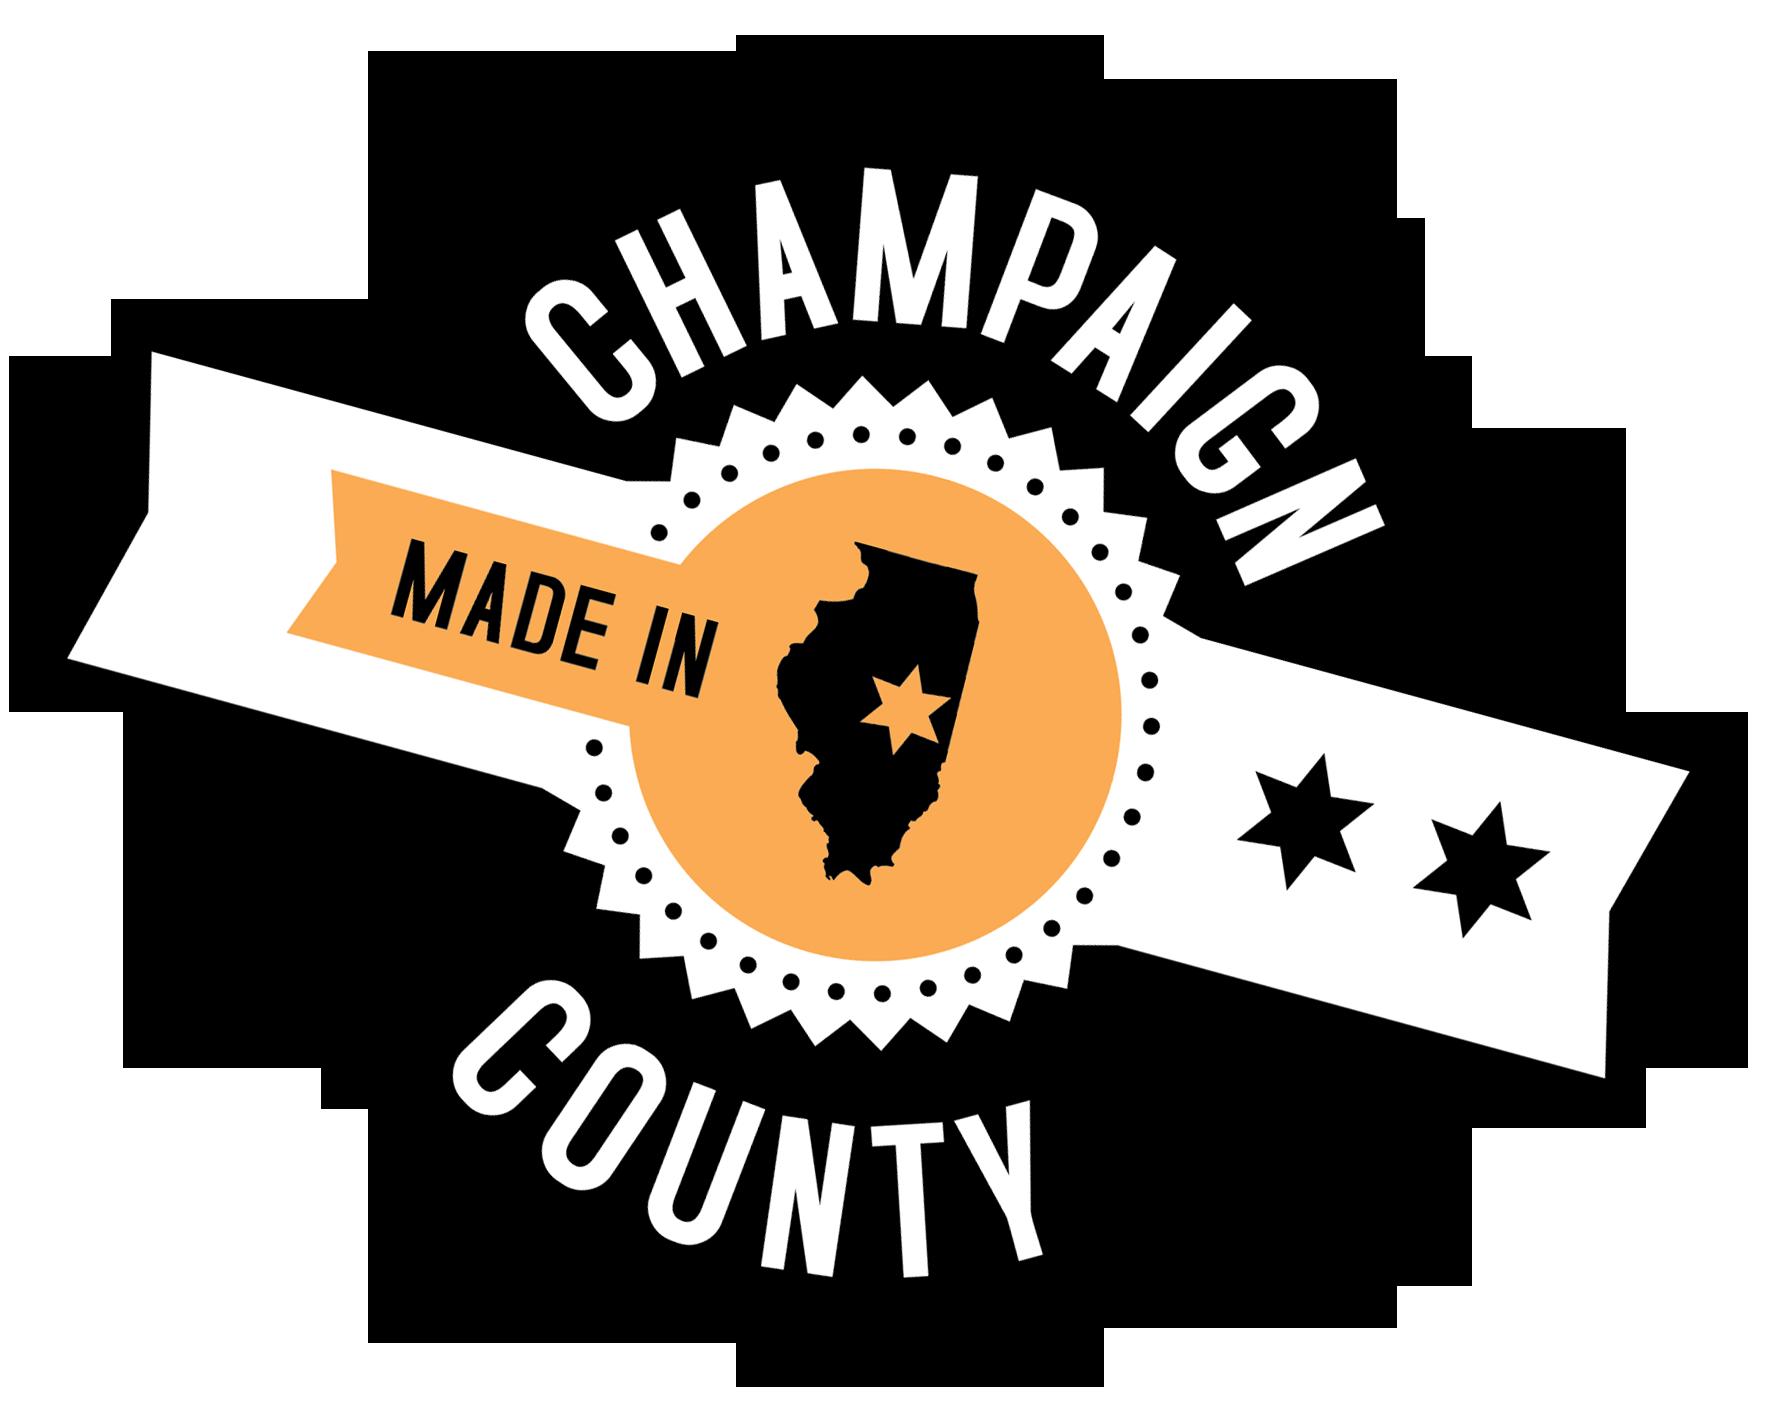 Illinois champaign county thomasboro - Made In Champaign County